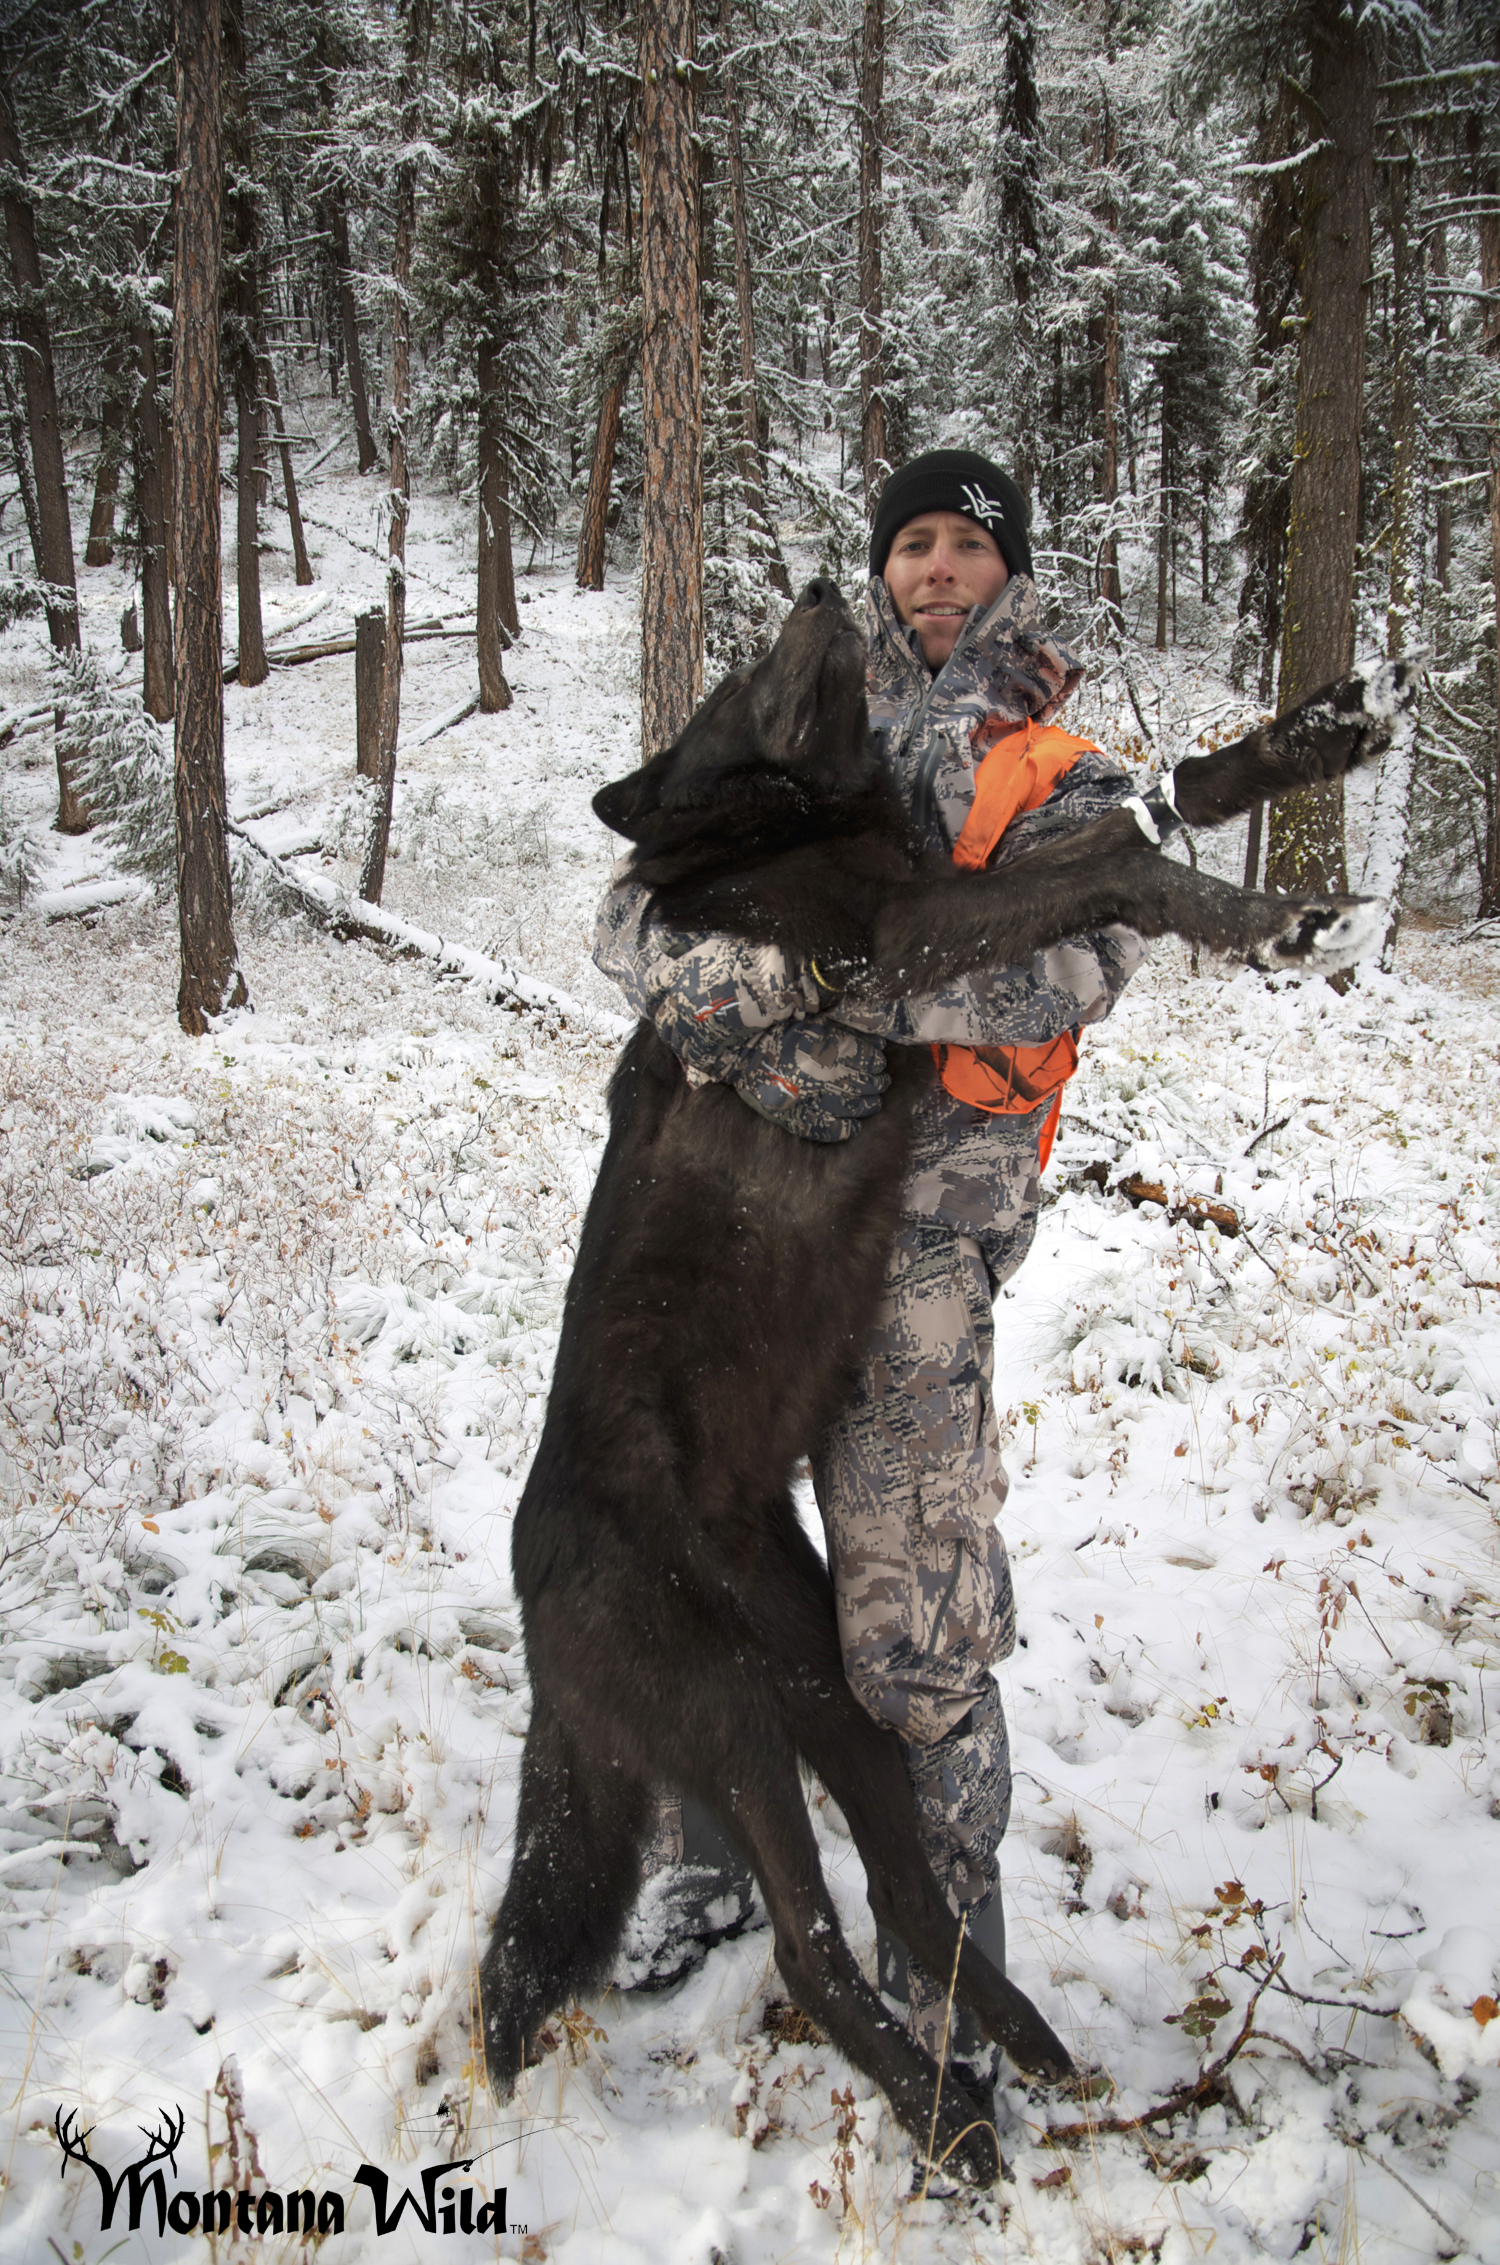 Congenial Alpha Wolf Size Comparison Alpha Wolf Size Comparison Animal Kid Wolf Species Size Comparison Grey Wolf Size Comparison bark post Wolf Size Comparison